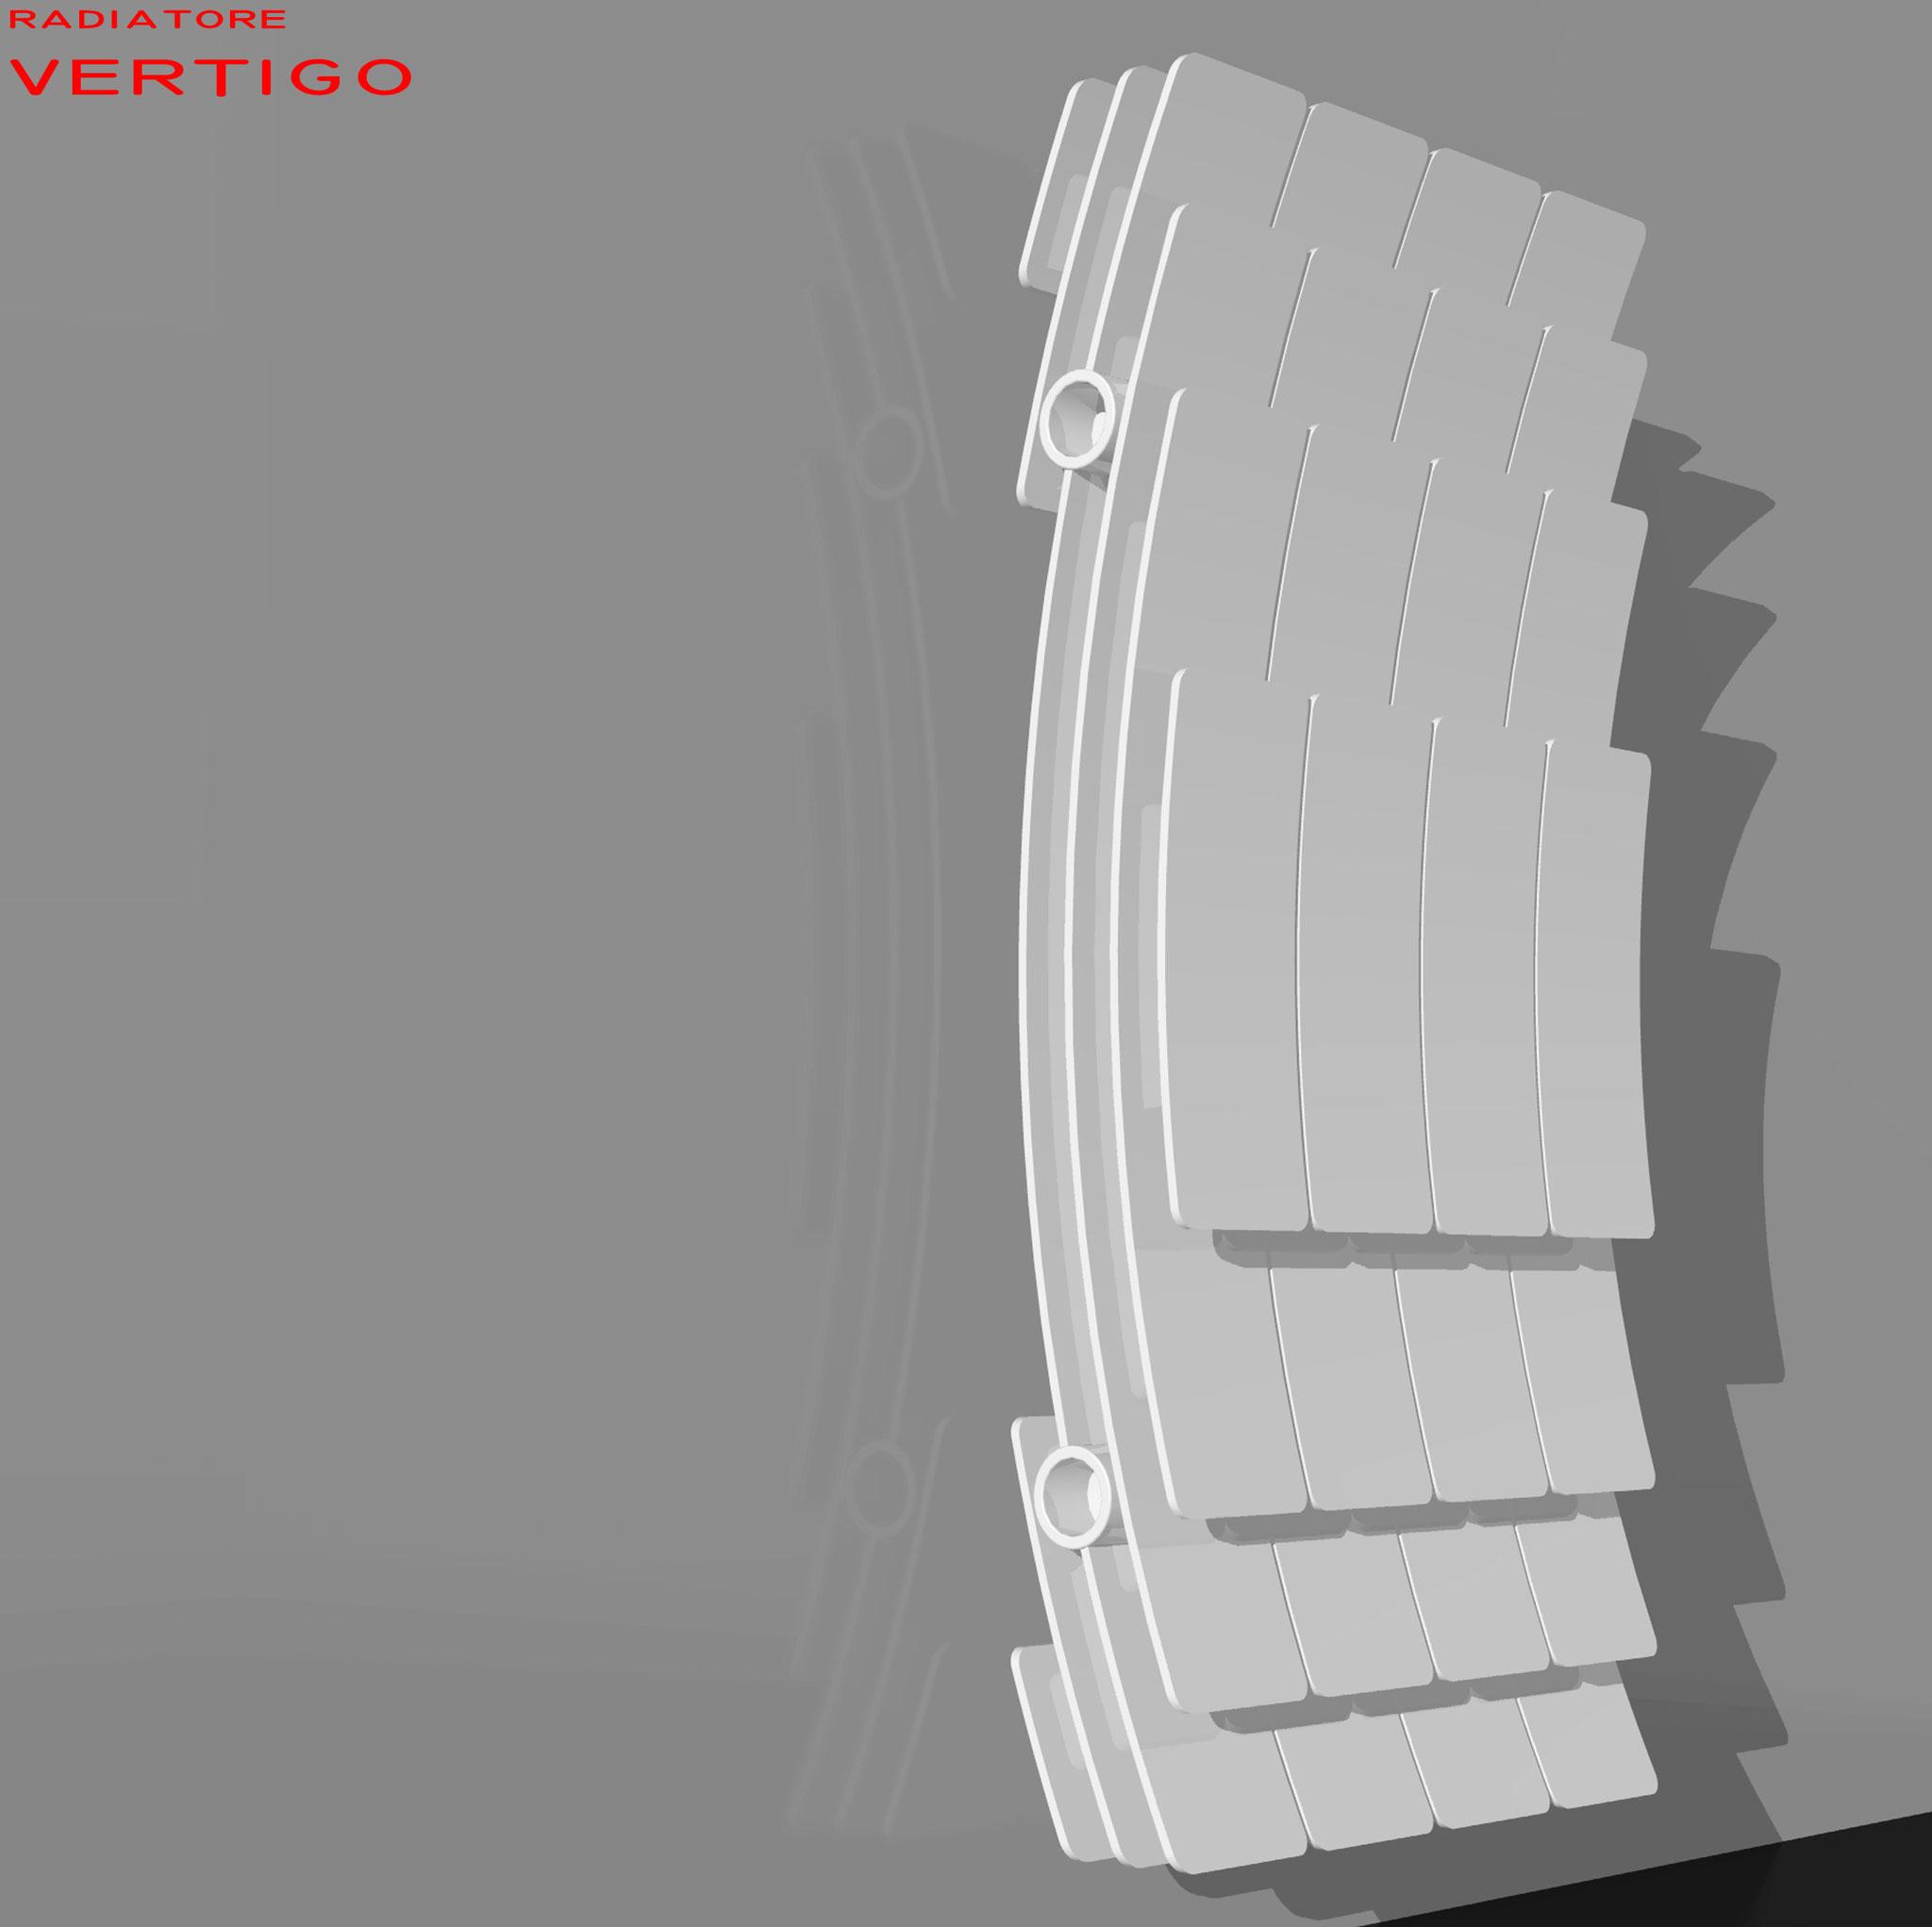 Vertigo - Studio radiatore 2008 ADHOC Gruppo Ragaini   rendering.